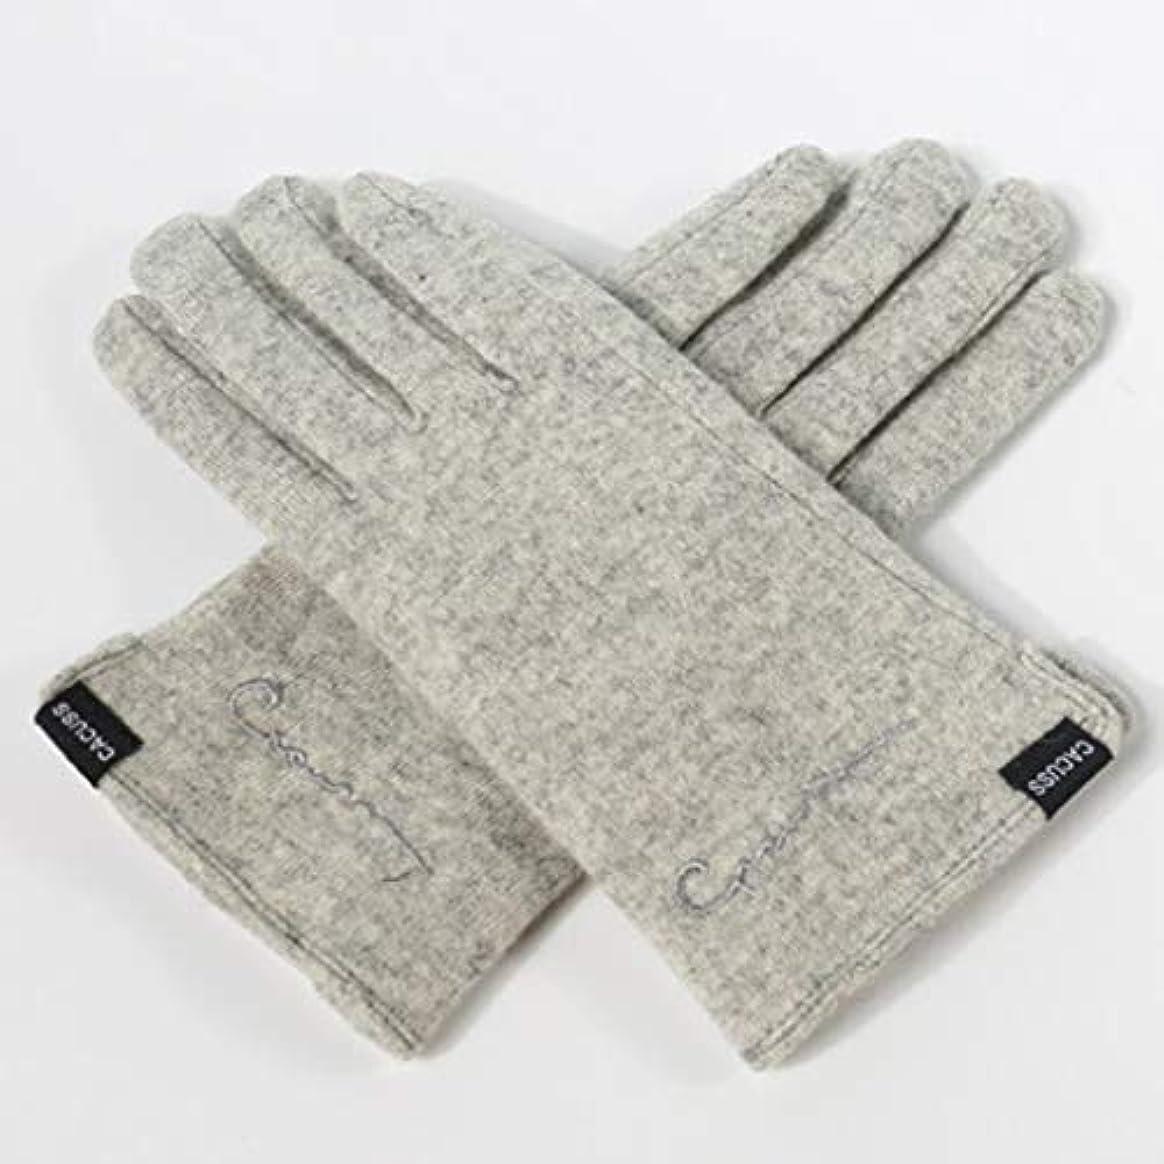 並外れて反発するメニュー手袋女性の冬のタッチスクリーンのファッション暖かく快適なポイントは、乗馬を厚くする (色 : Gray)